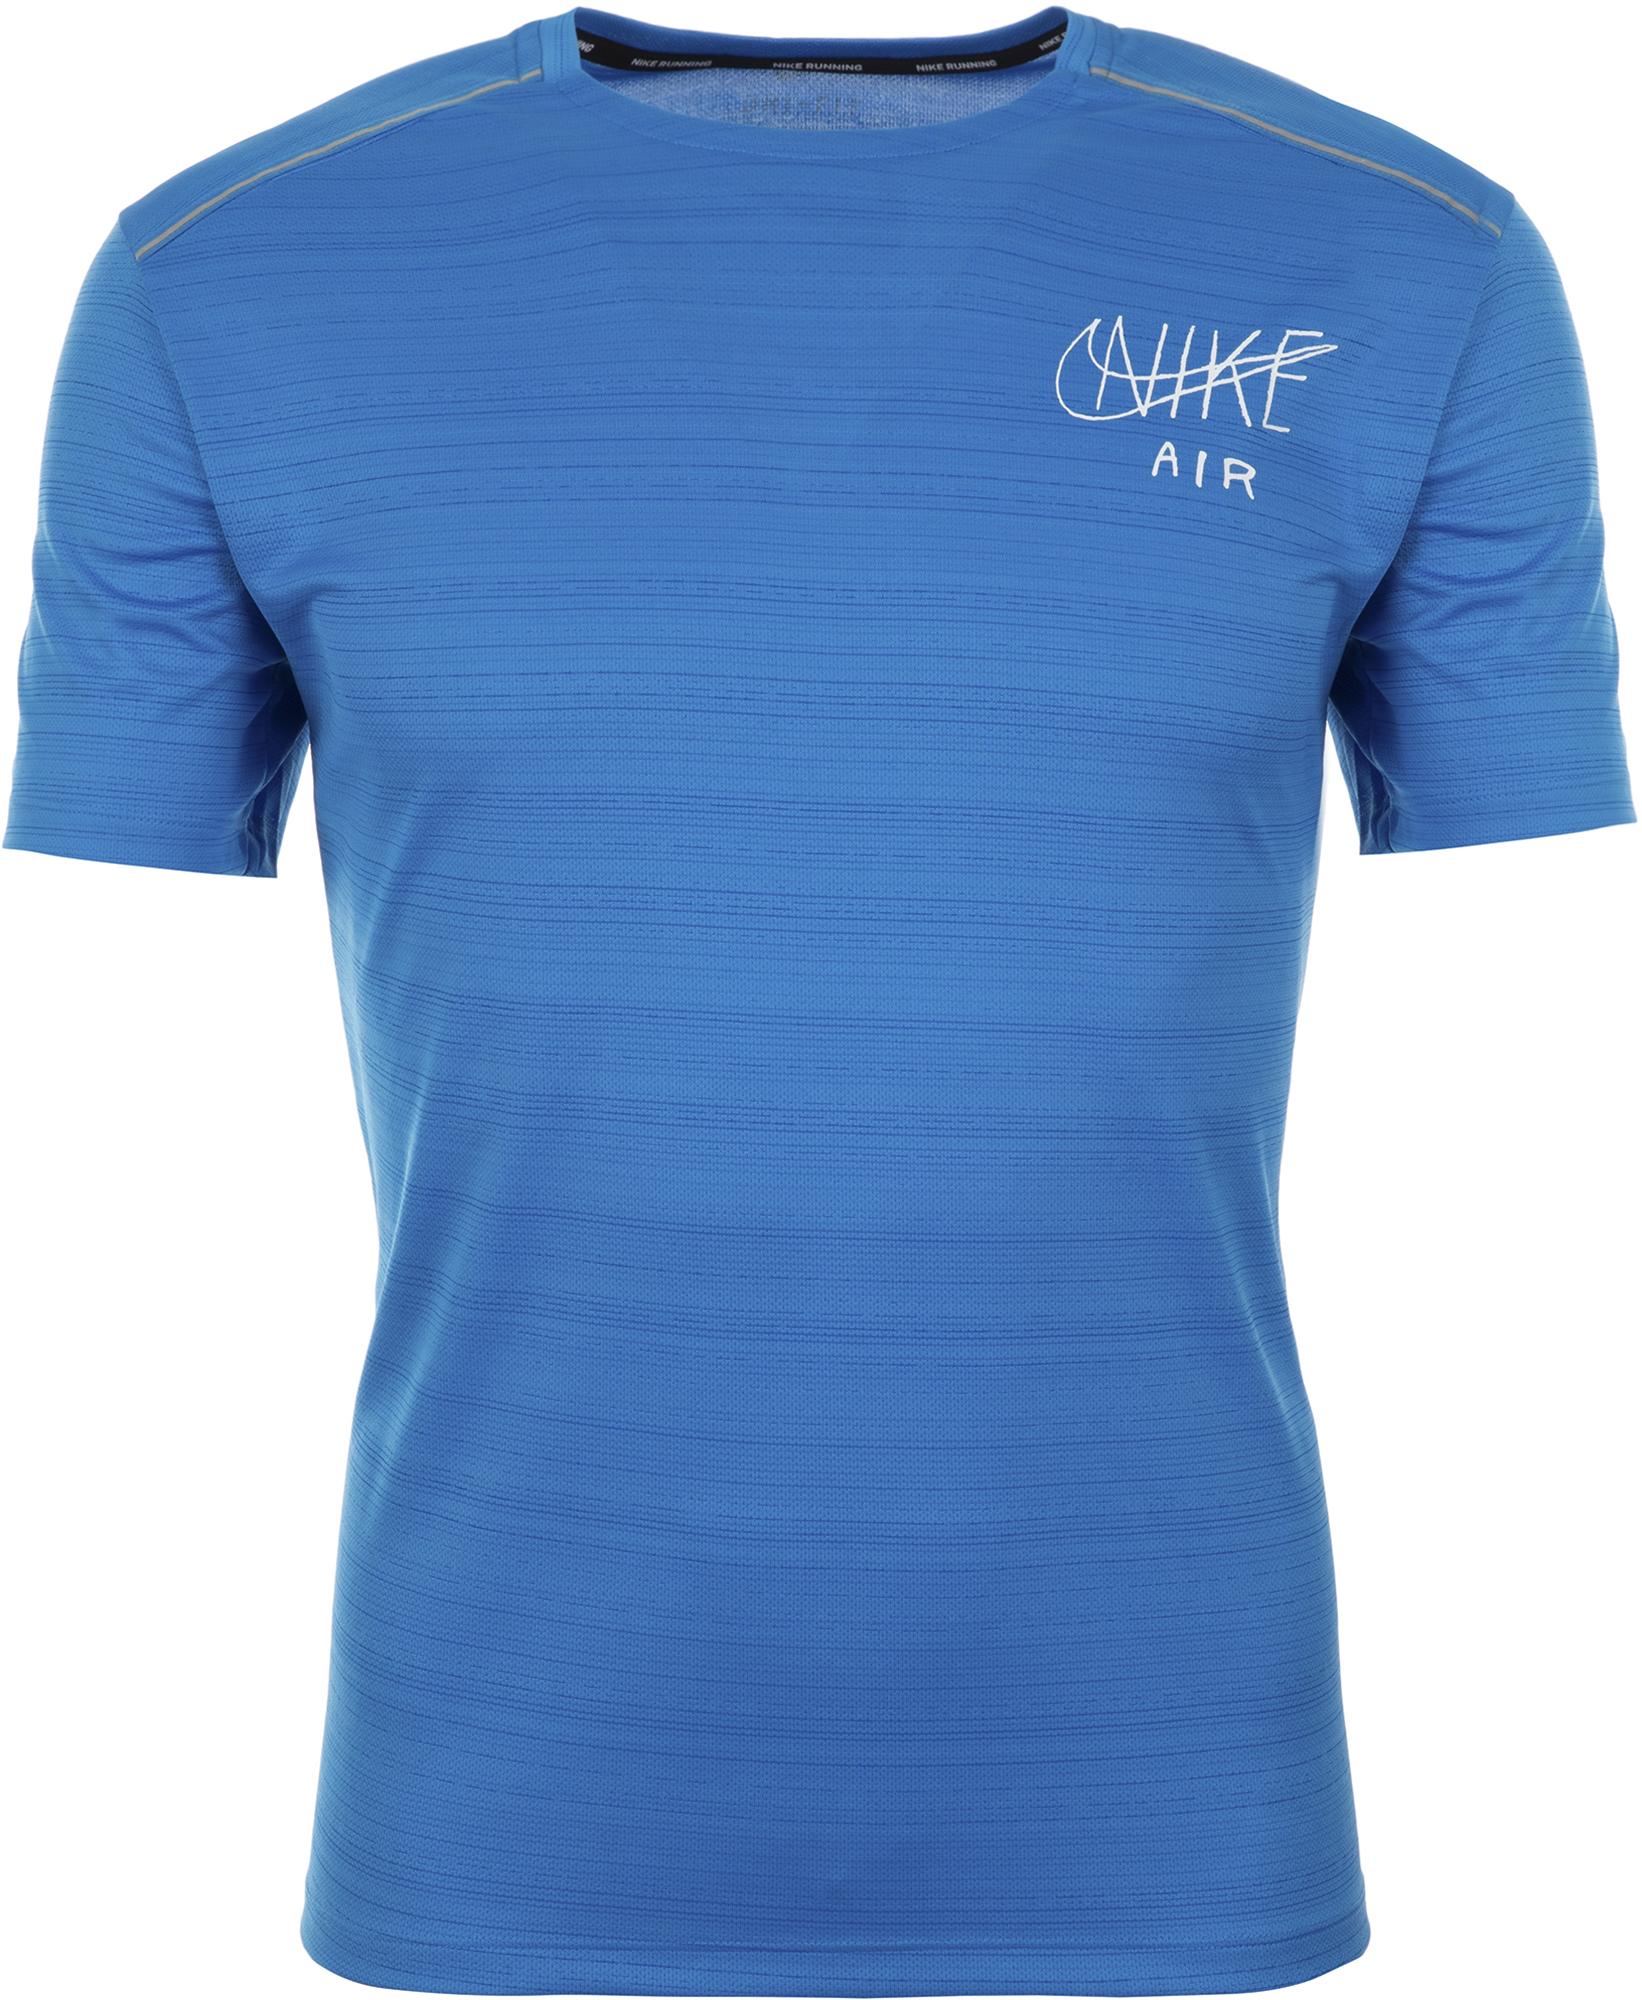 Nike Футболка мужская Miler, размер 50-52